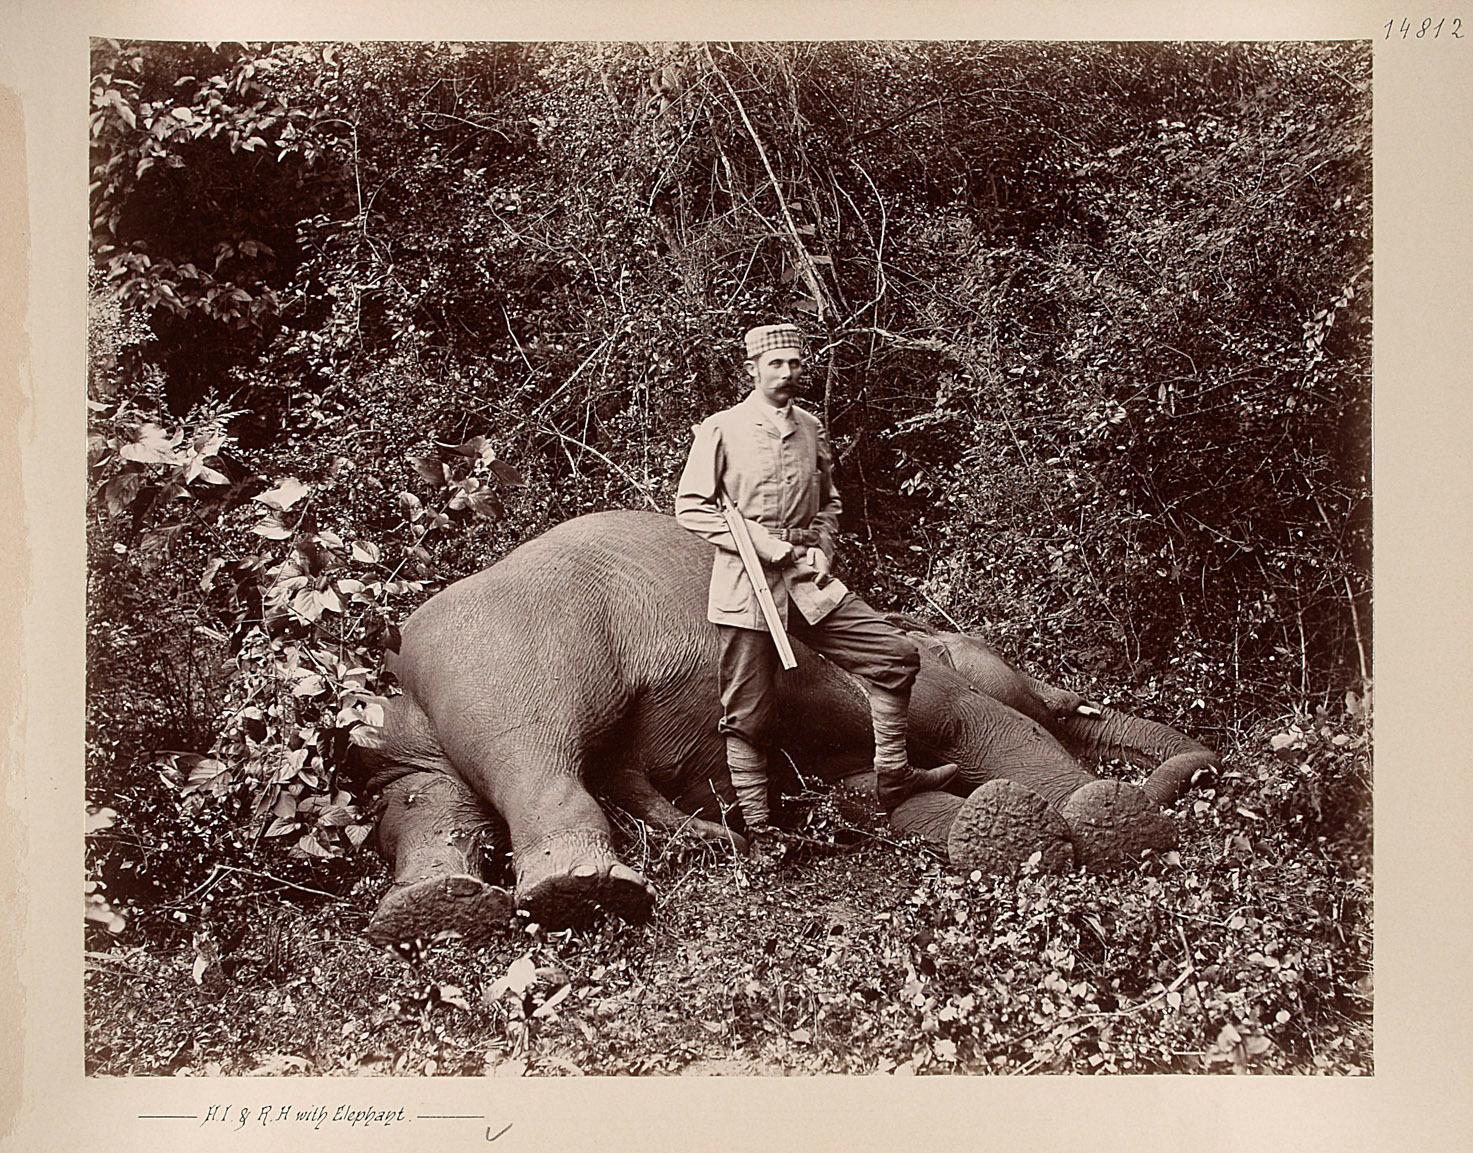 Sr k.u.k. Hoheit beim erlegten Elephanten von Charles Kerr